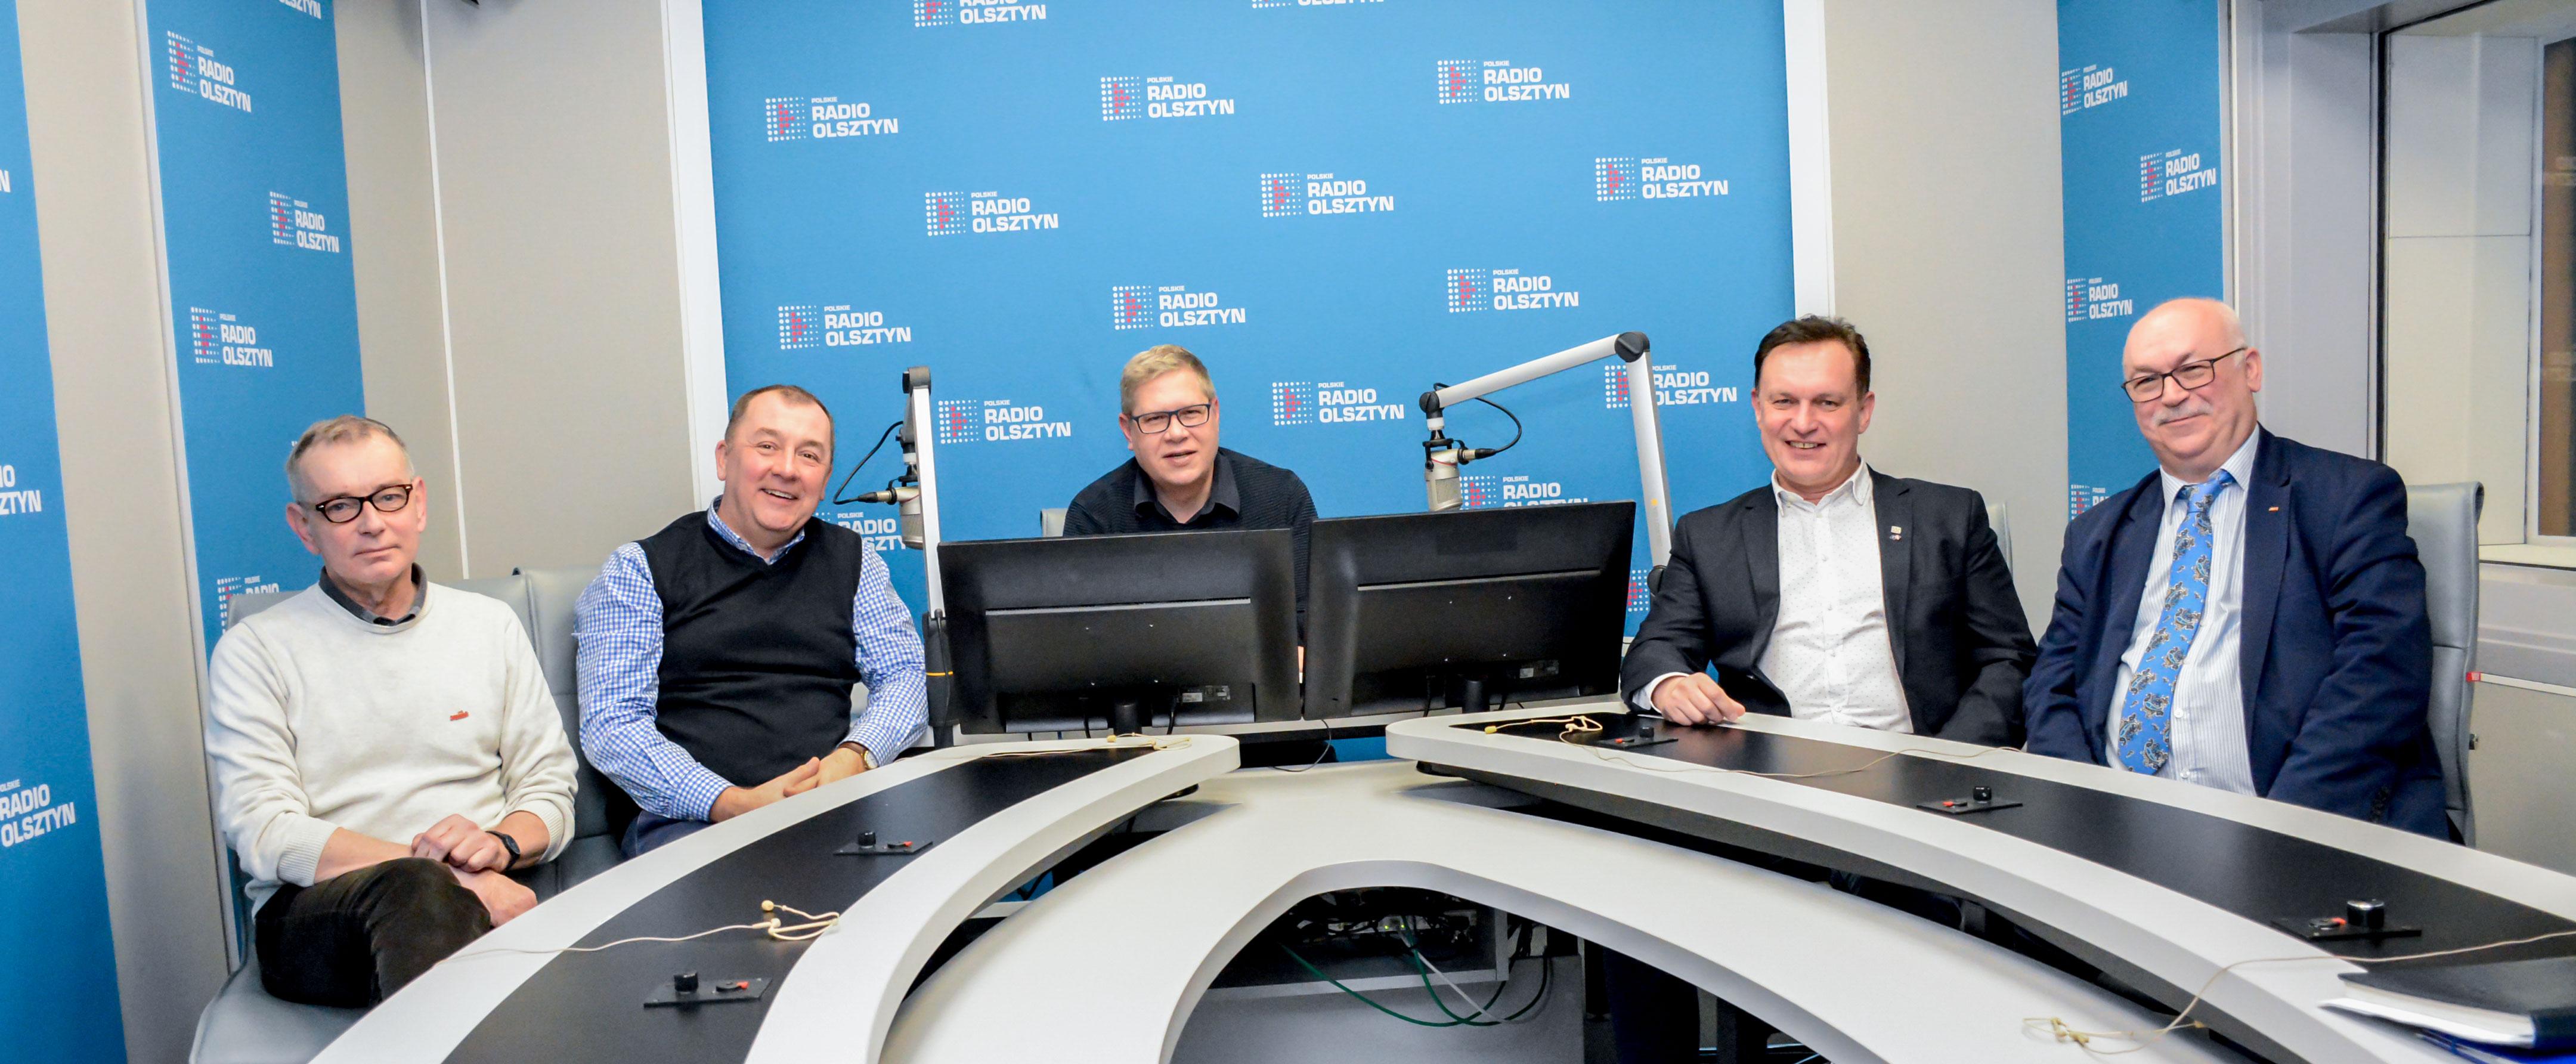 Od lewej: Wojciech Kowalski, Rafał Laskowski, Krzysztof Kaszubski, Jarosław Szunejko, Wiesław Łubiński